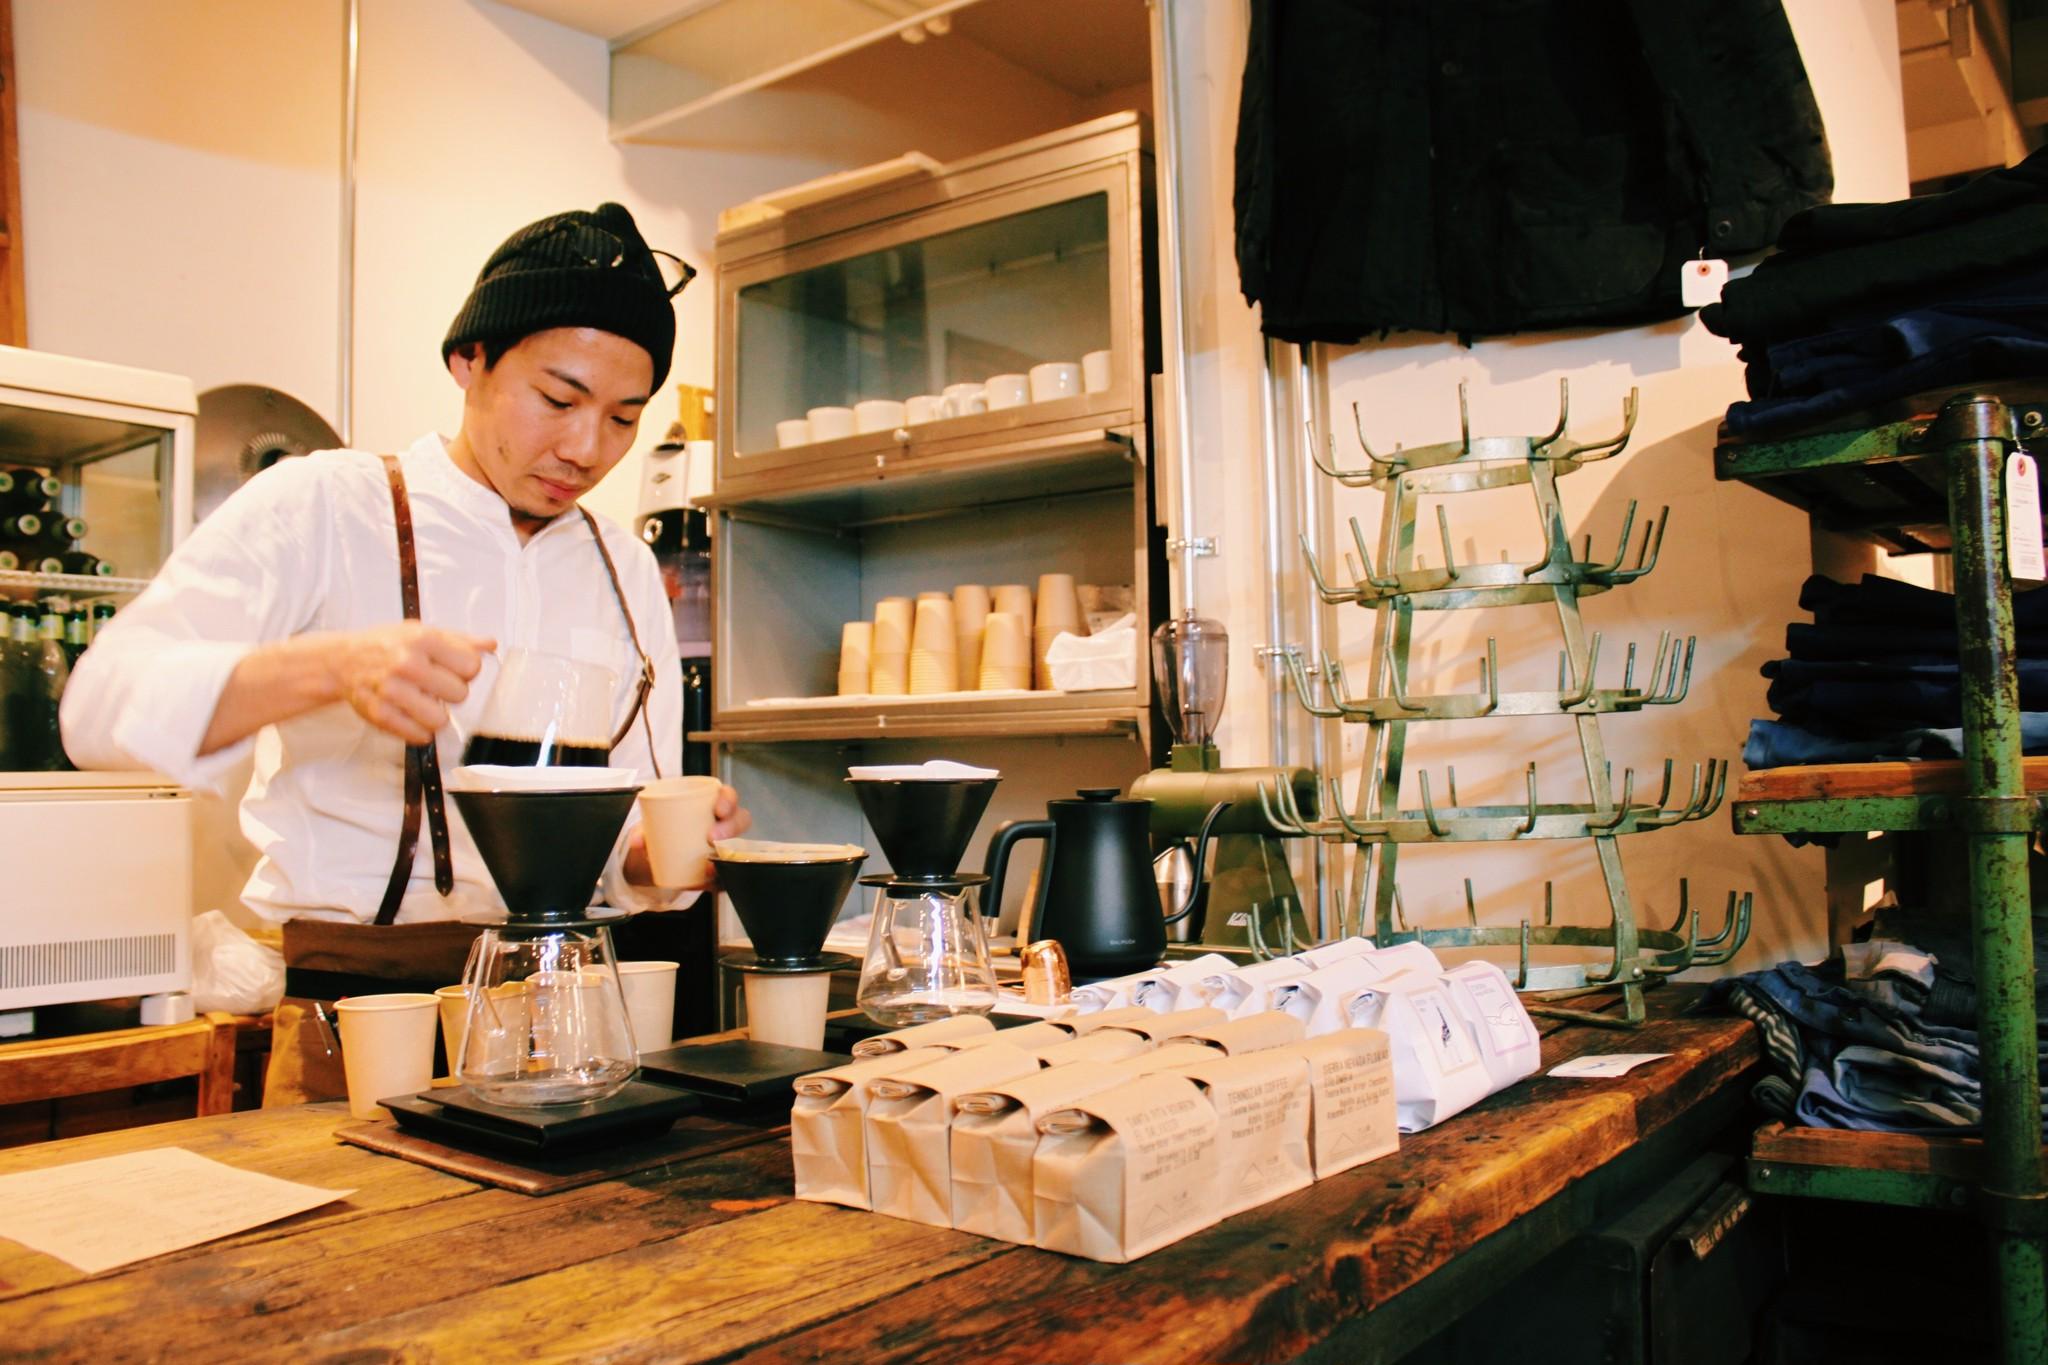 リニューアルオープンした『mumokuteki』でコーヒー豆の試飲&購入をしていただけます。